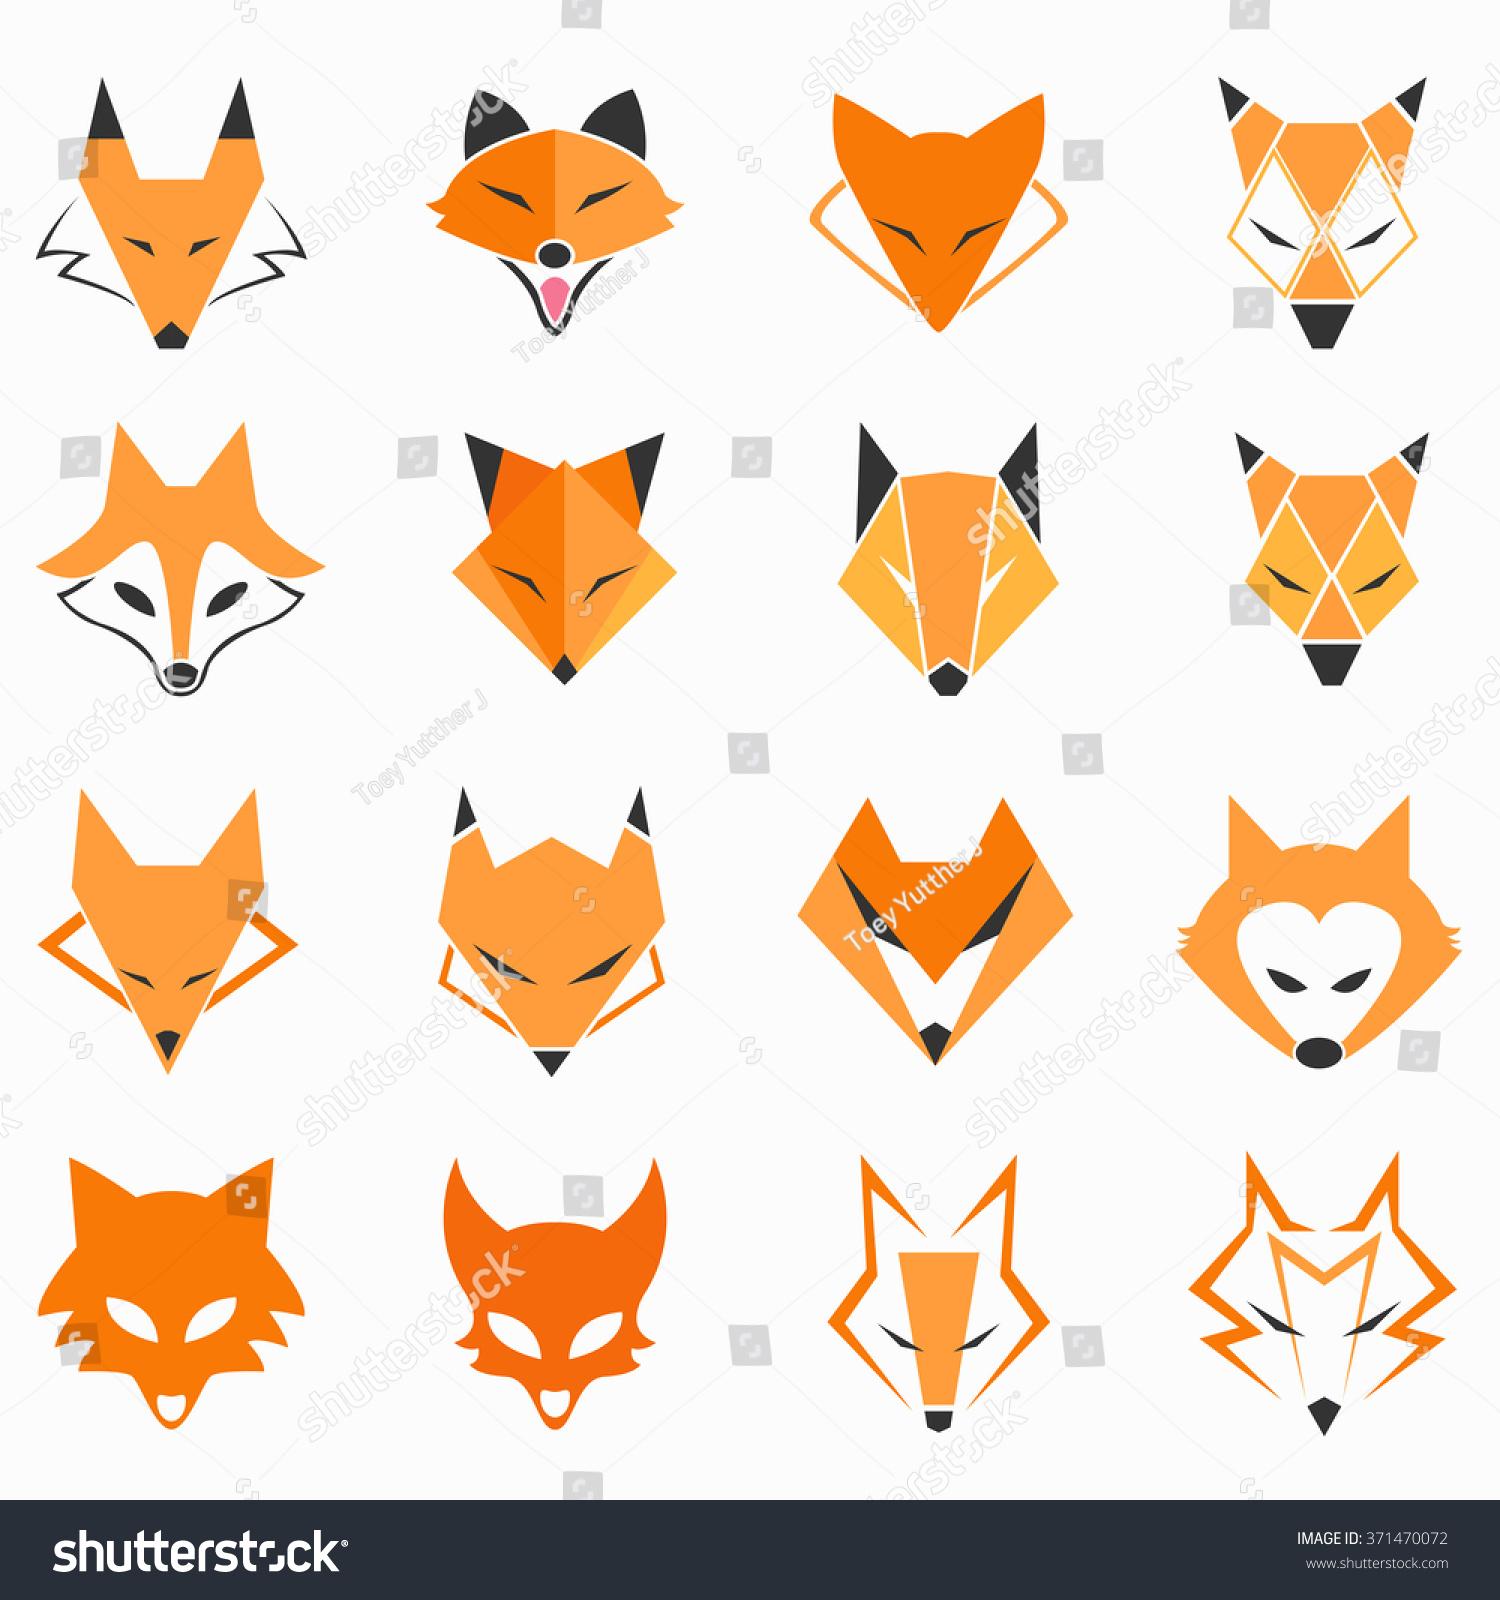 Fox Face Line Drawing : Fox face stock vector illustration shutterstock